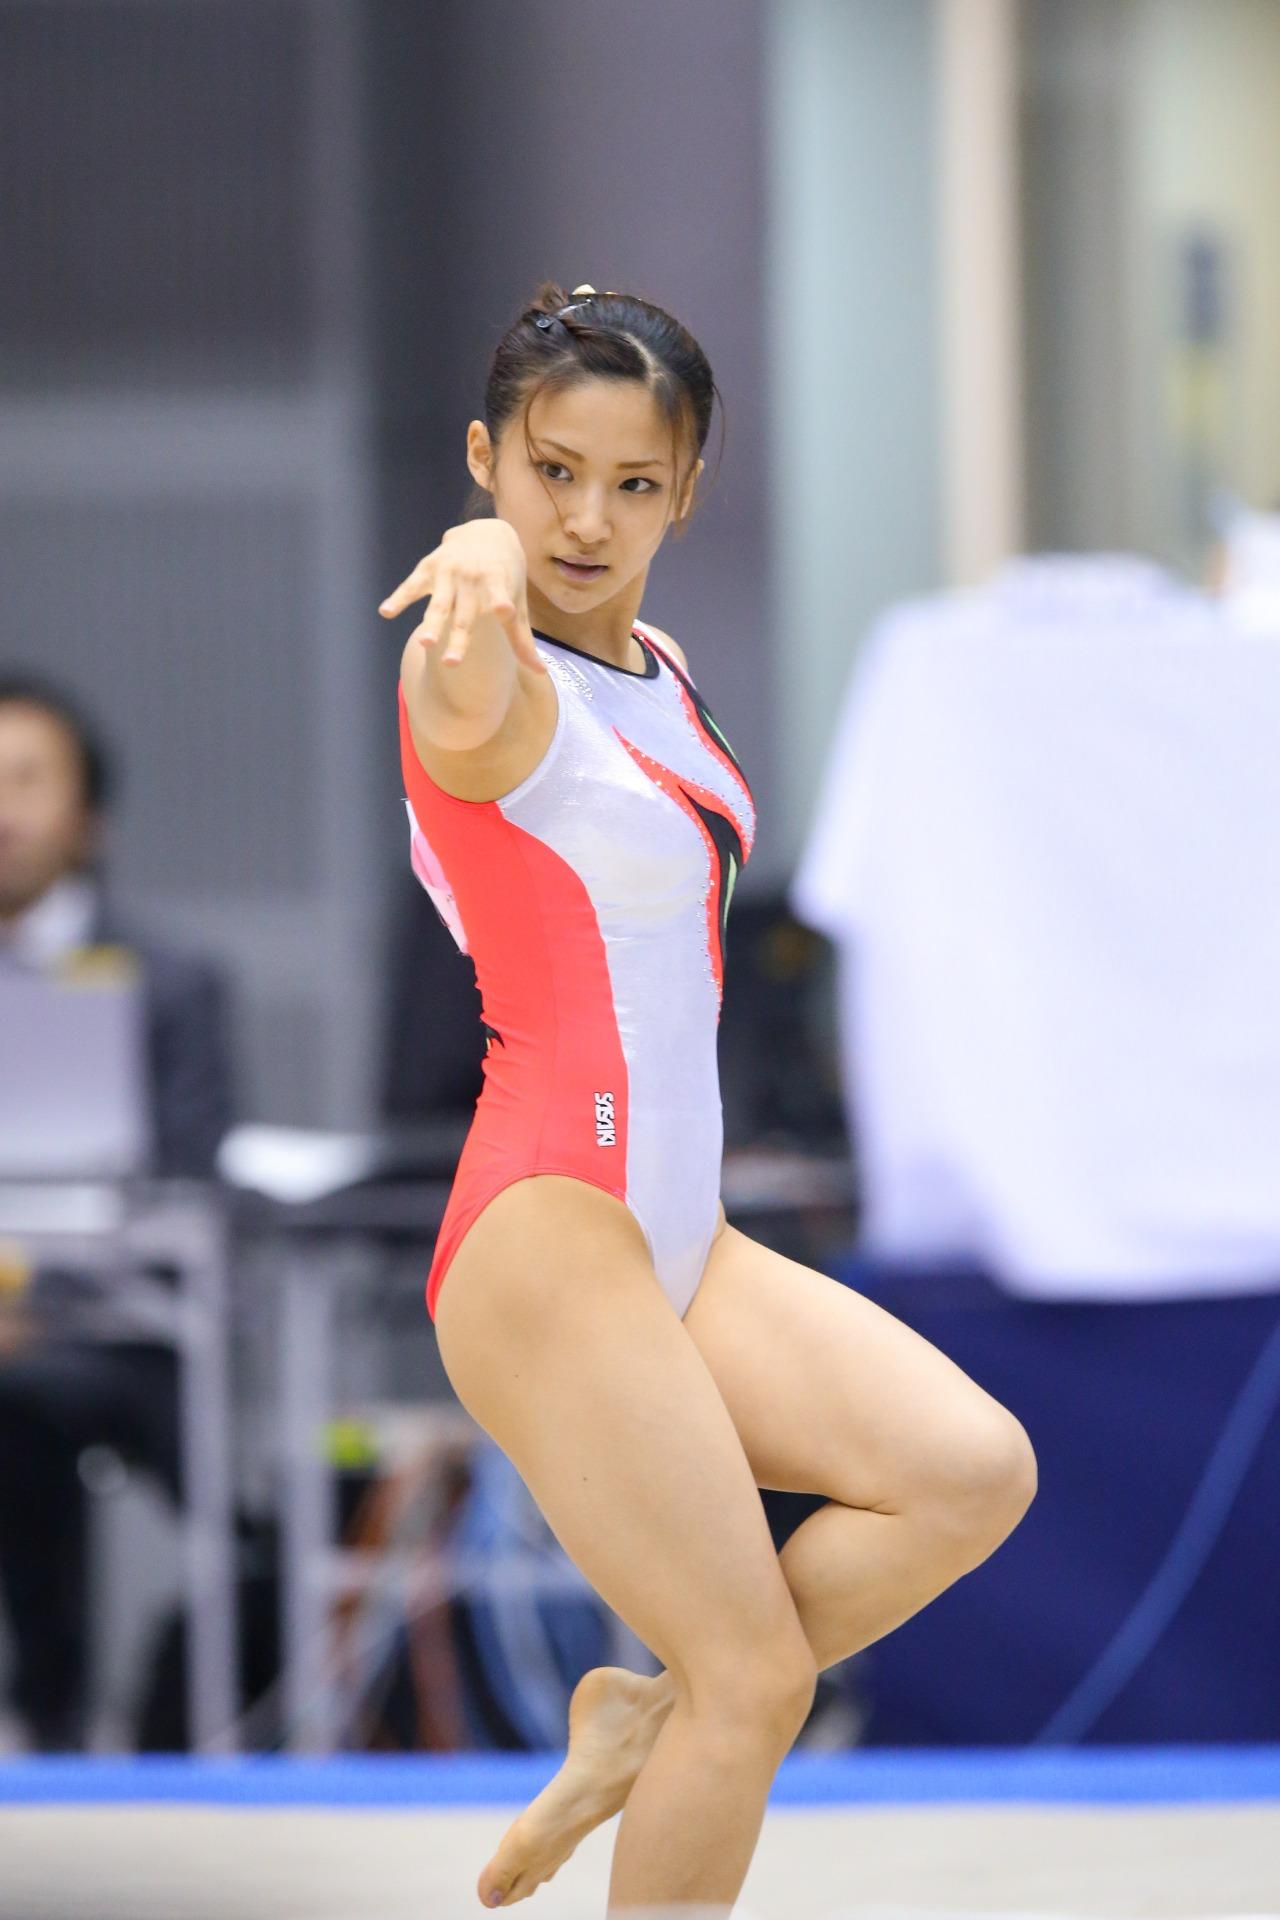 女子新体操選手の赤外線盗撮 新体操エロ画像